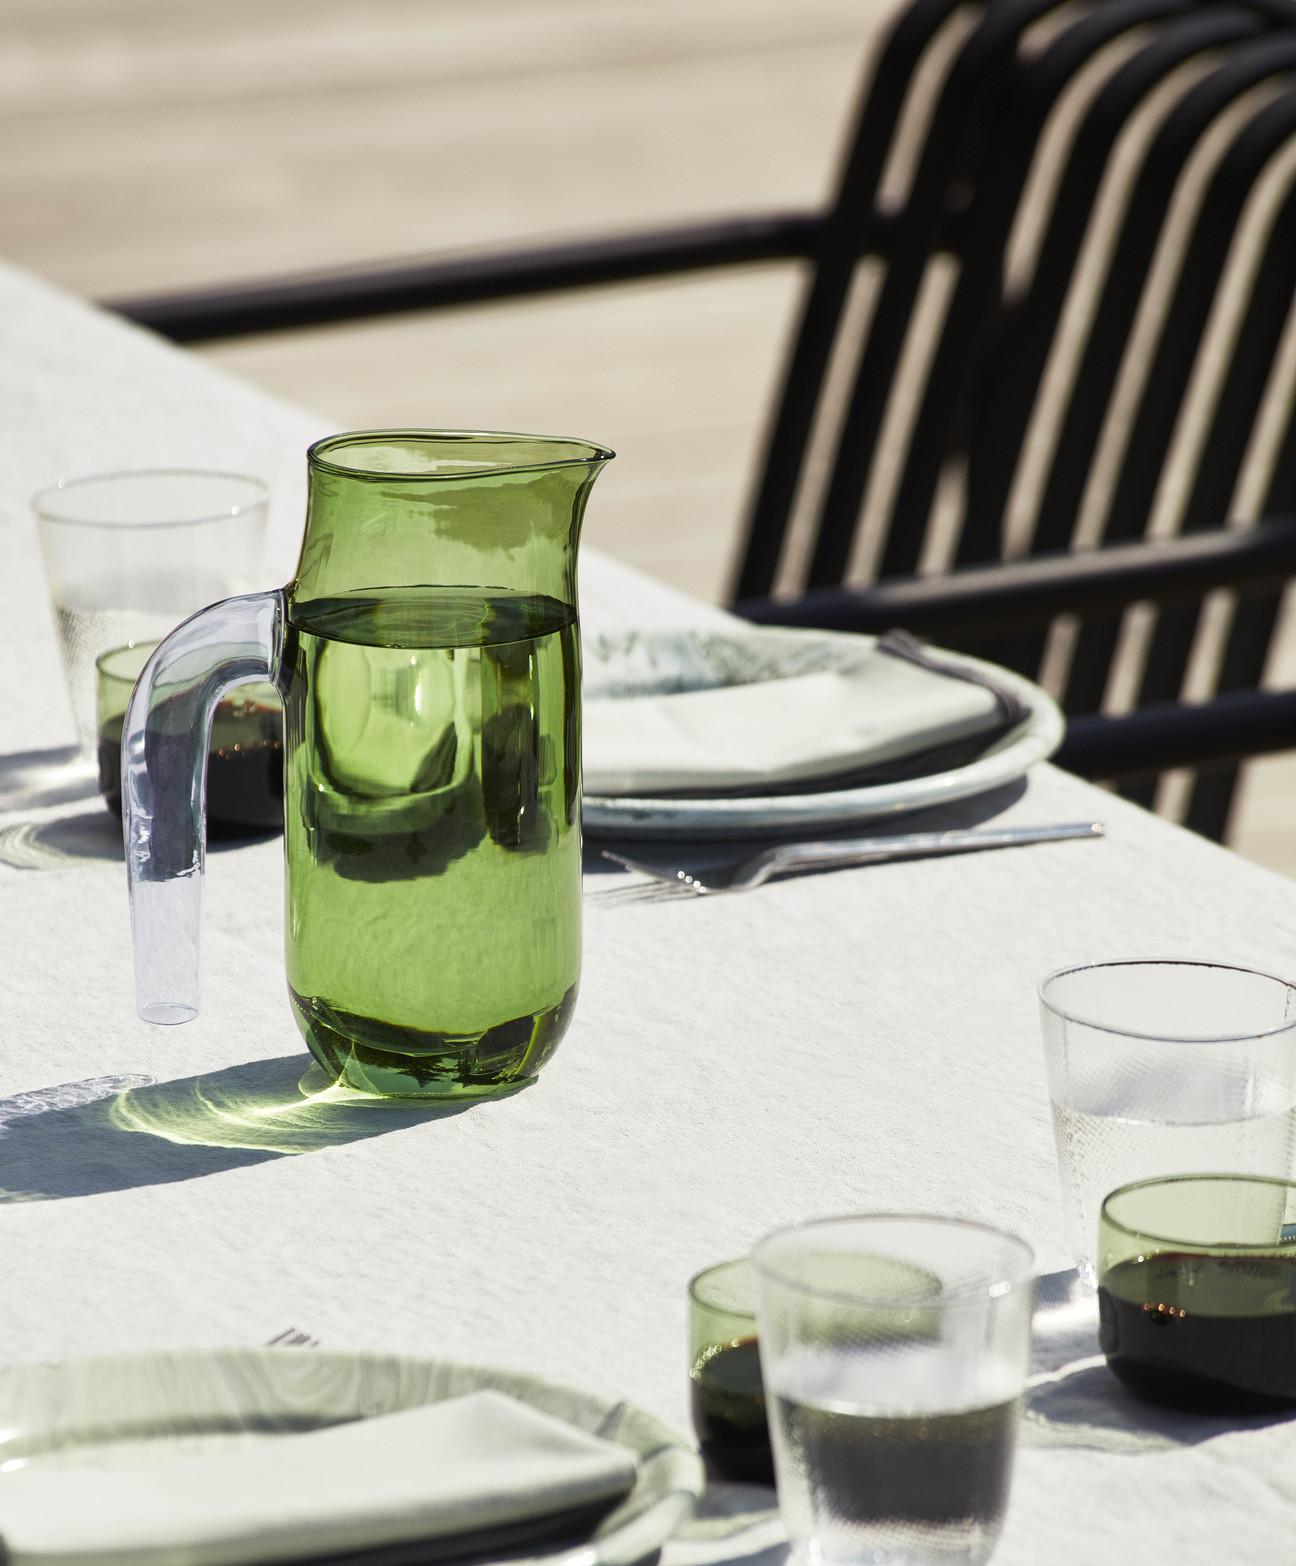 HAY Glaskrug JUG L grün